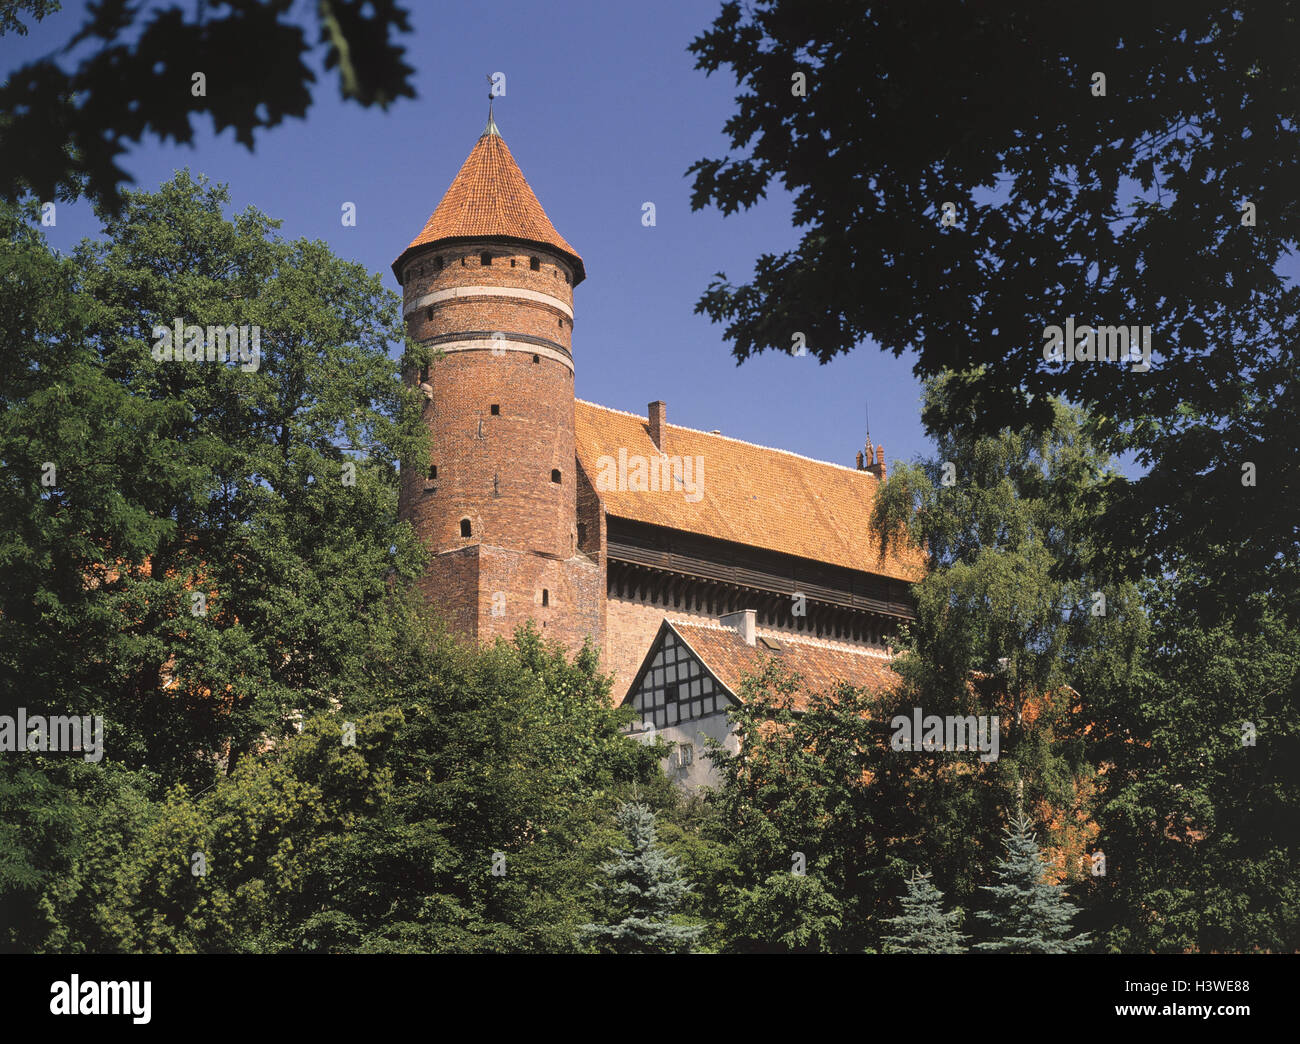 Poland, Masuria, Olsztyn, Allenstein, order castle, detail, Europe, Rzeczpospolita Polska, north-east Pole, Mazury, Stock Photo